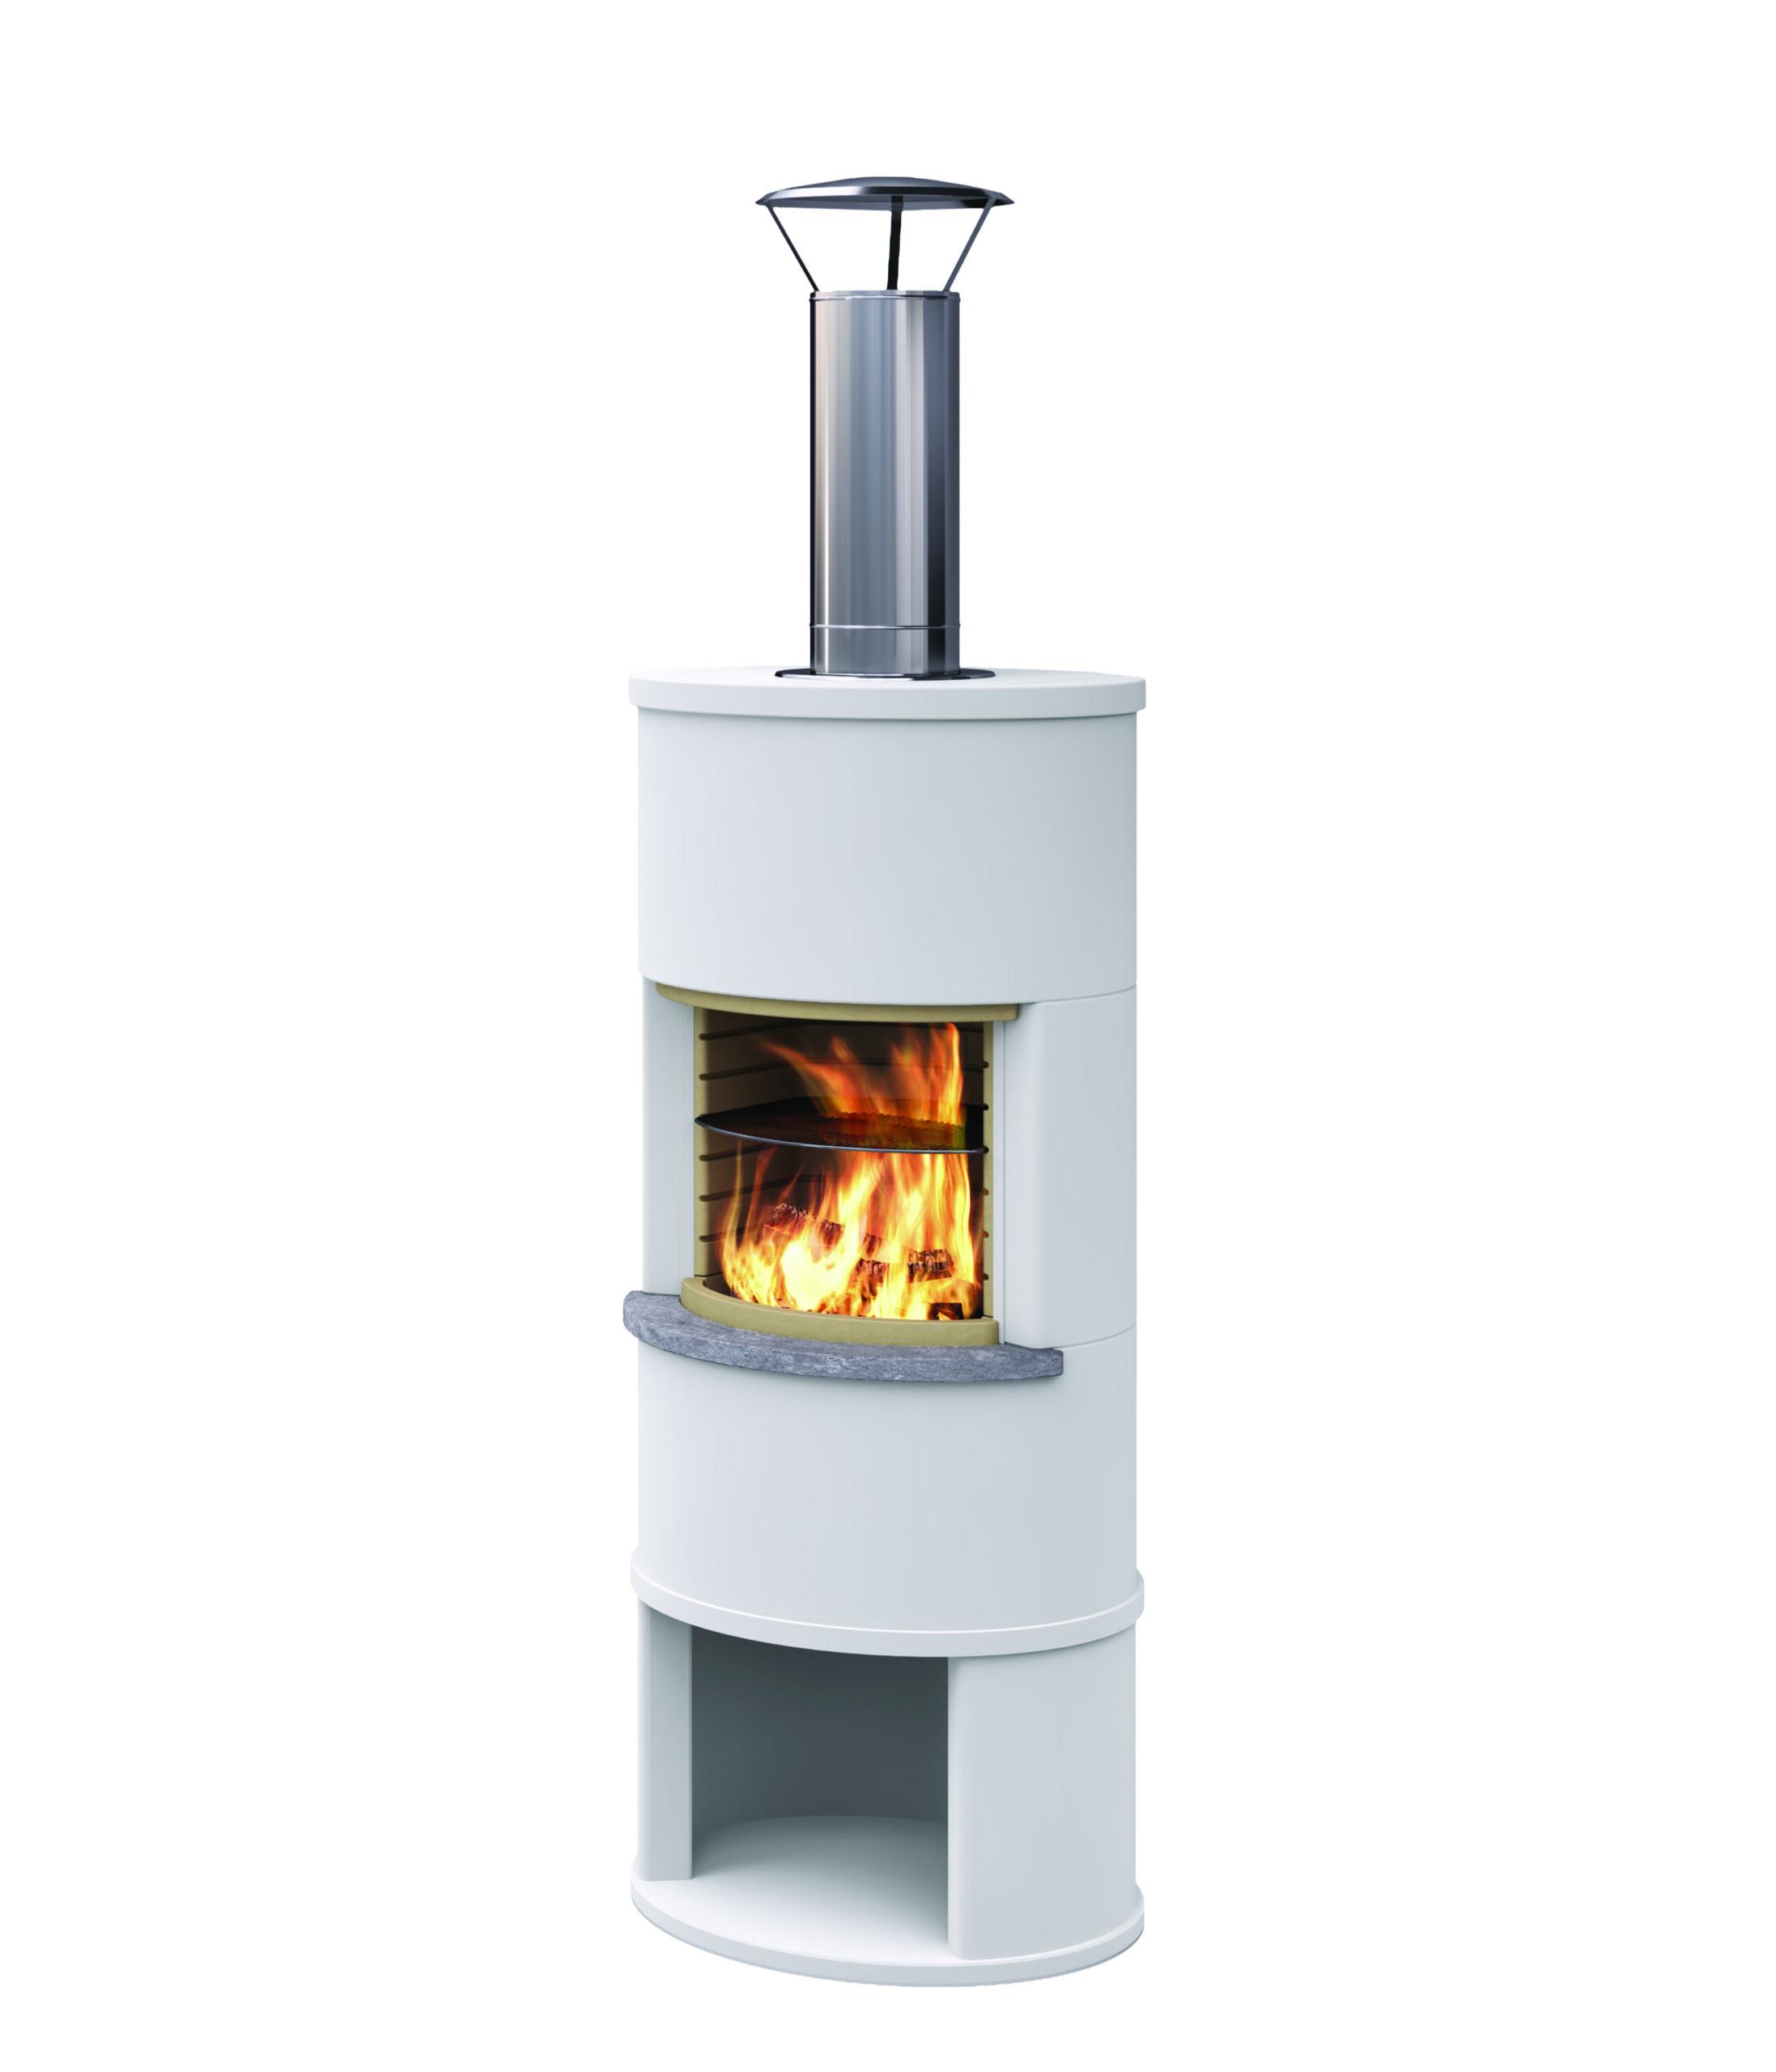 Roma Garden hat eine Brennkammer mit schönen hellen Thermottesteinen und einen Grillrost als Zubehör. Ein Funkenschutz bieten wir separat an.  Durch die Höhe des Kamins hat man einen optimalenBlick auf die…